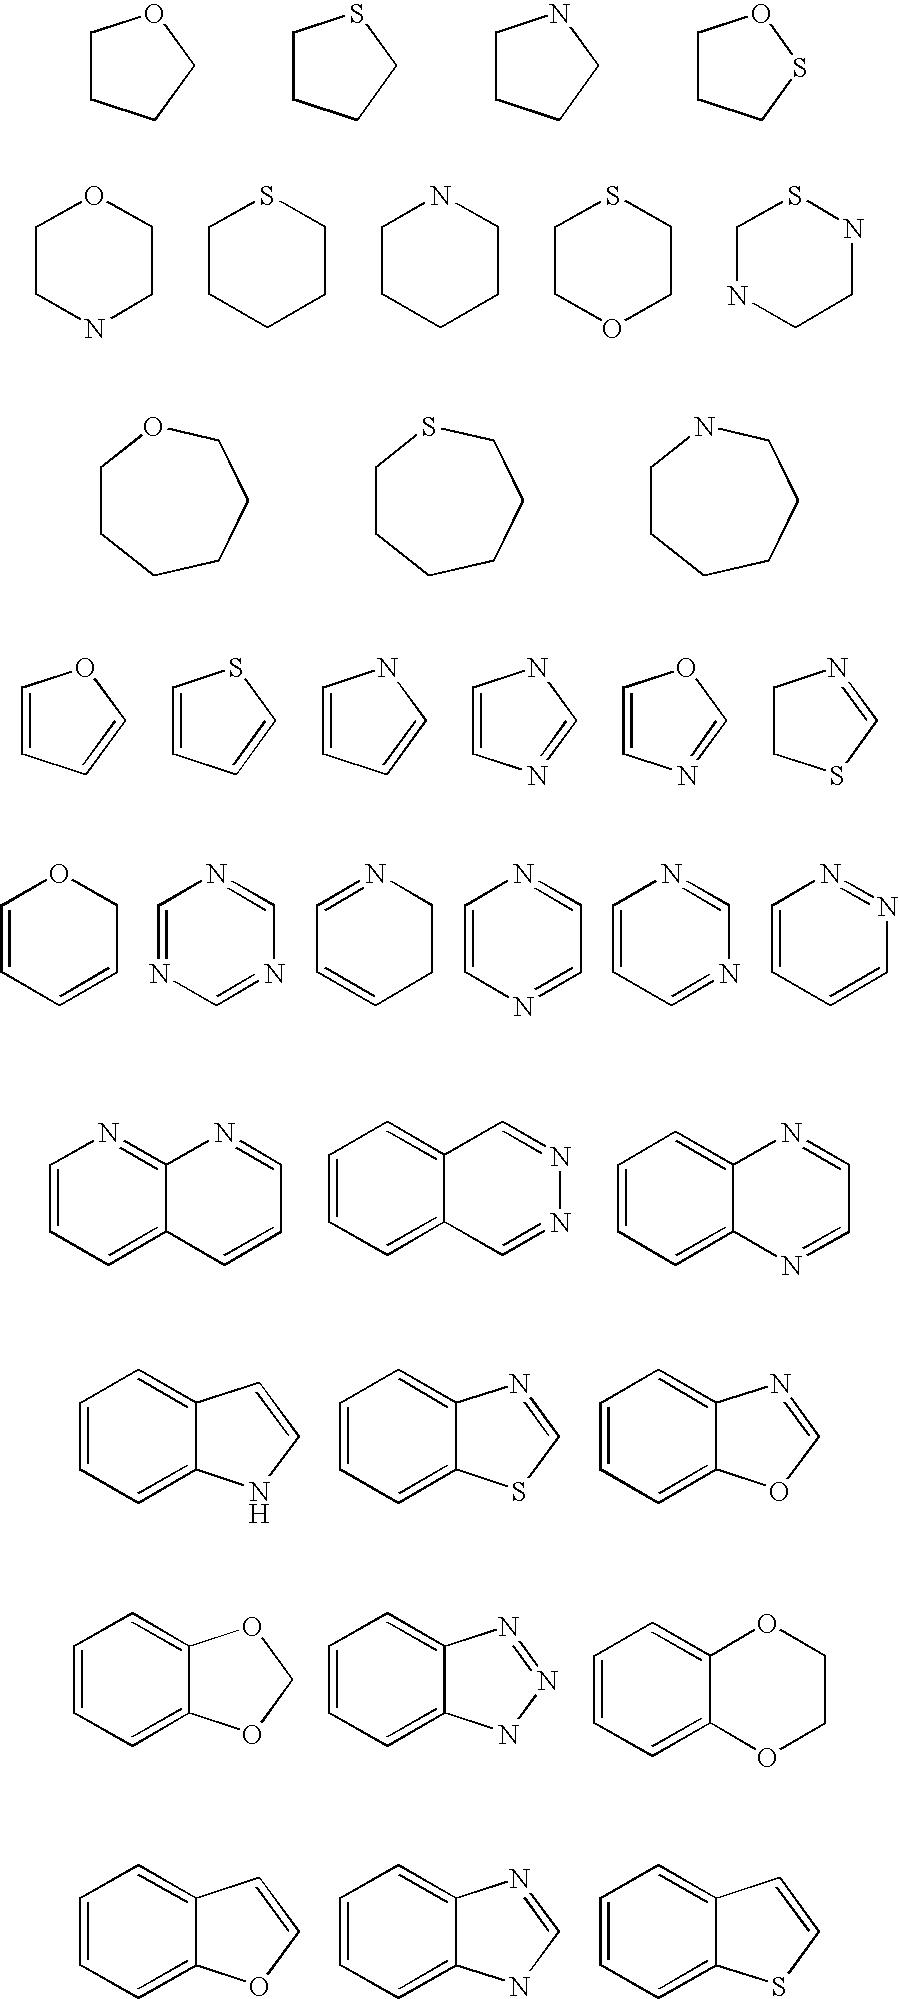 Figure US20050148637A1-20050707-C00003